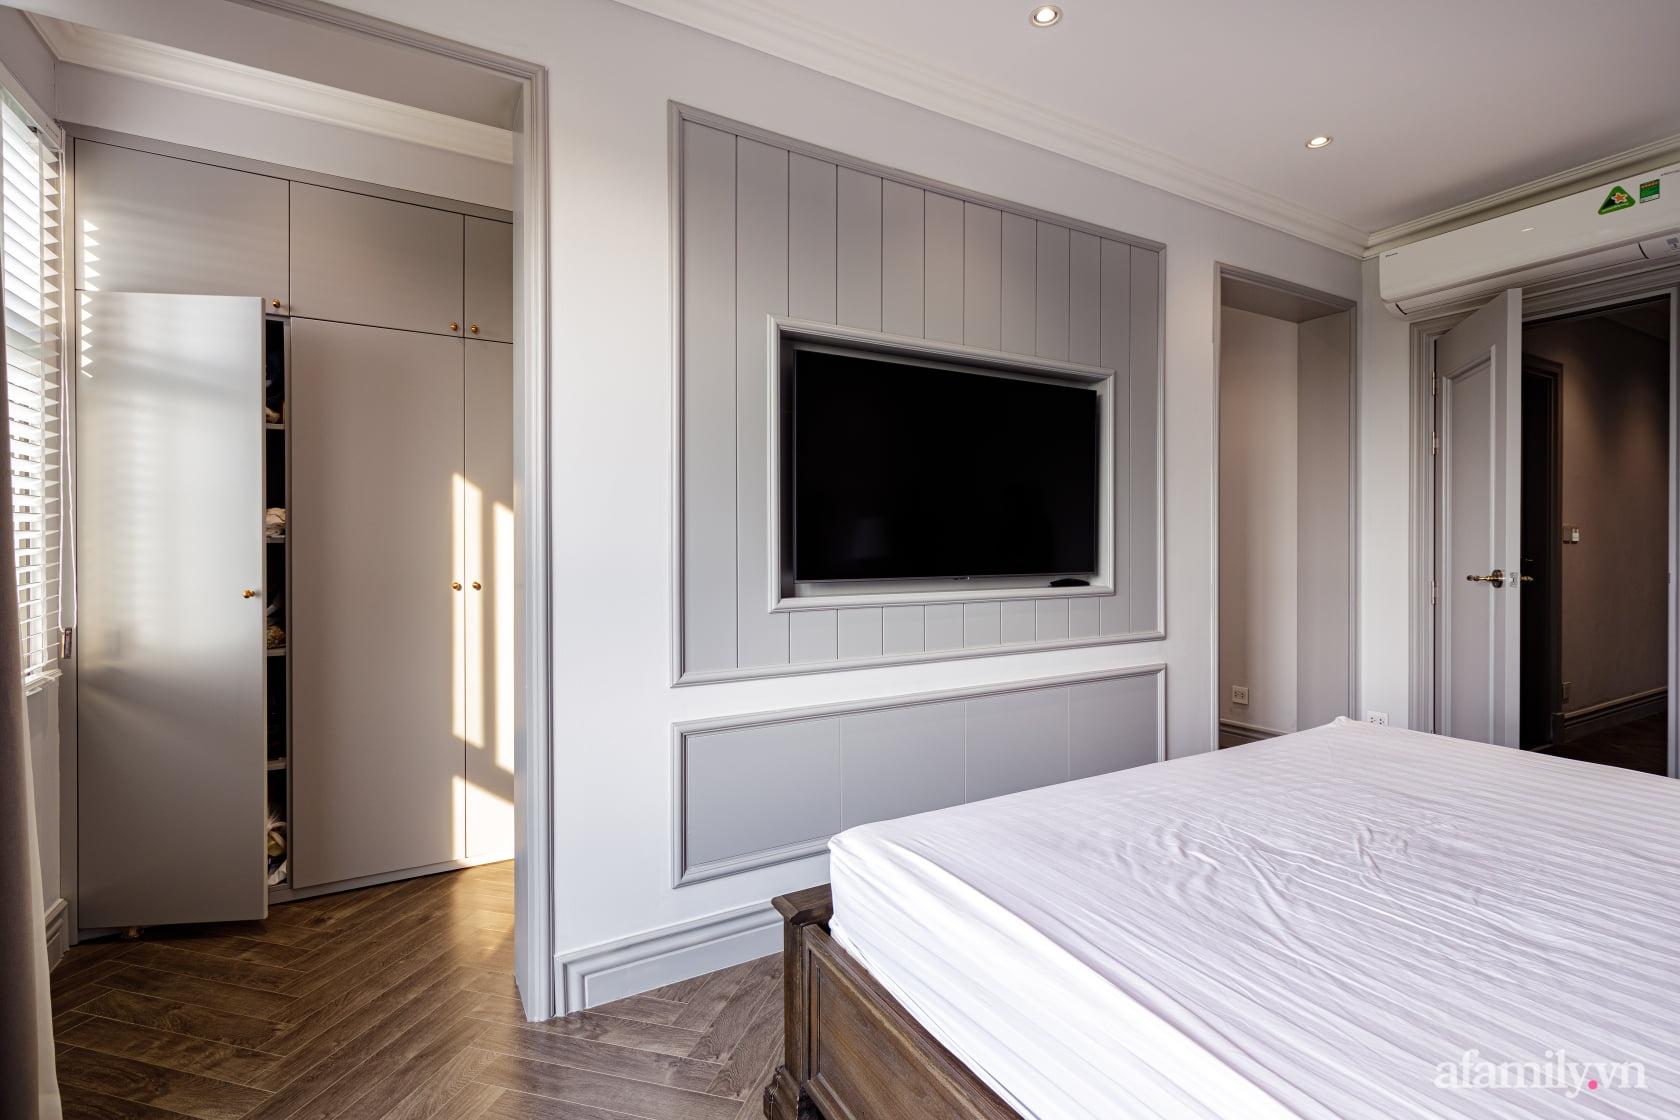 Nhà phố 3 tầng đẹp sang trọng với nội thất cực chất theo phong cách Traditional ở Hà Nội - Ảnh 27.